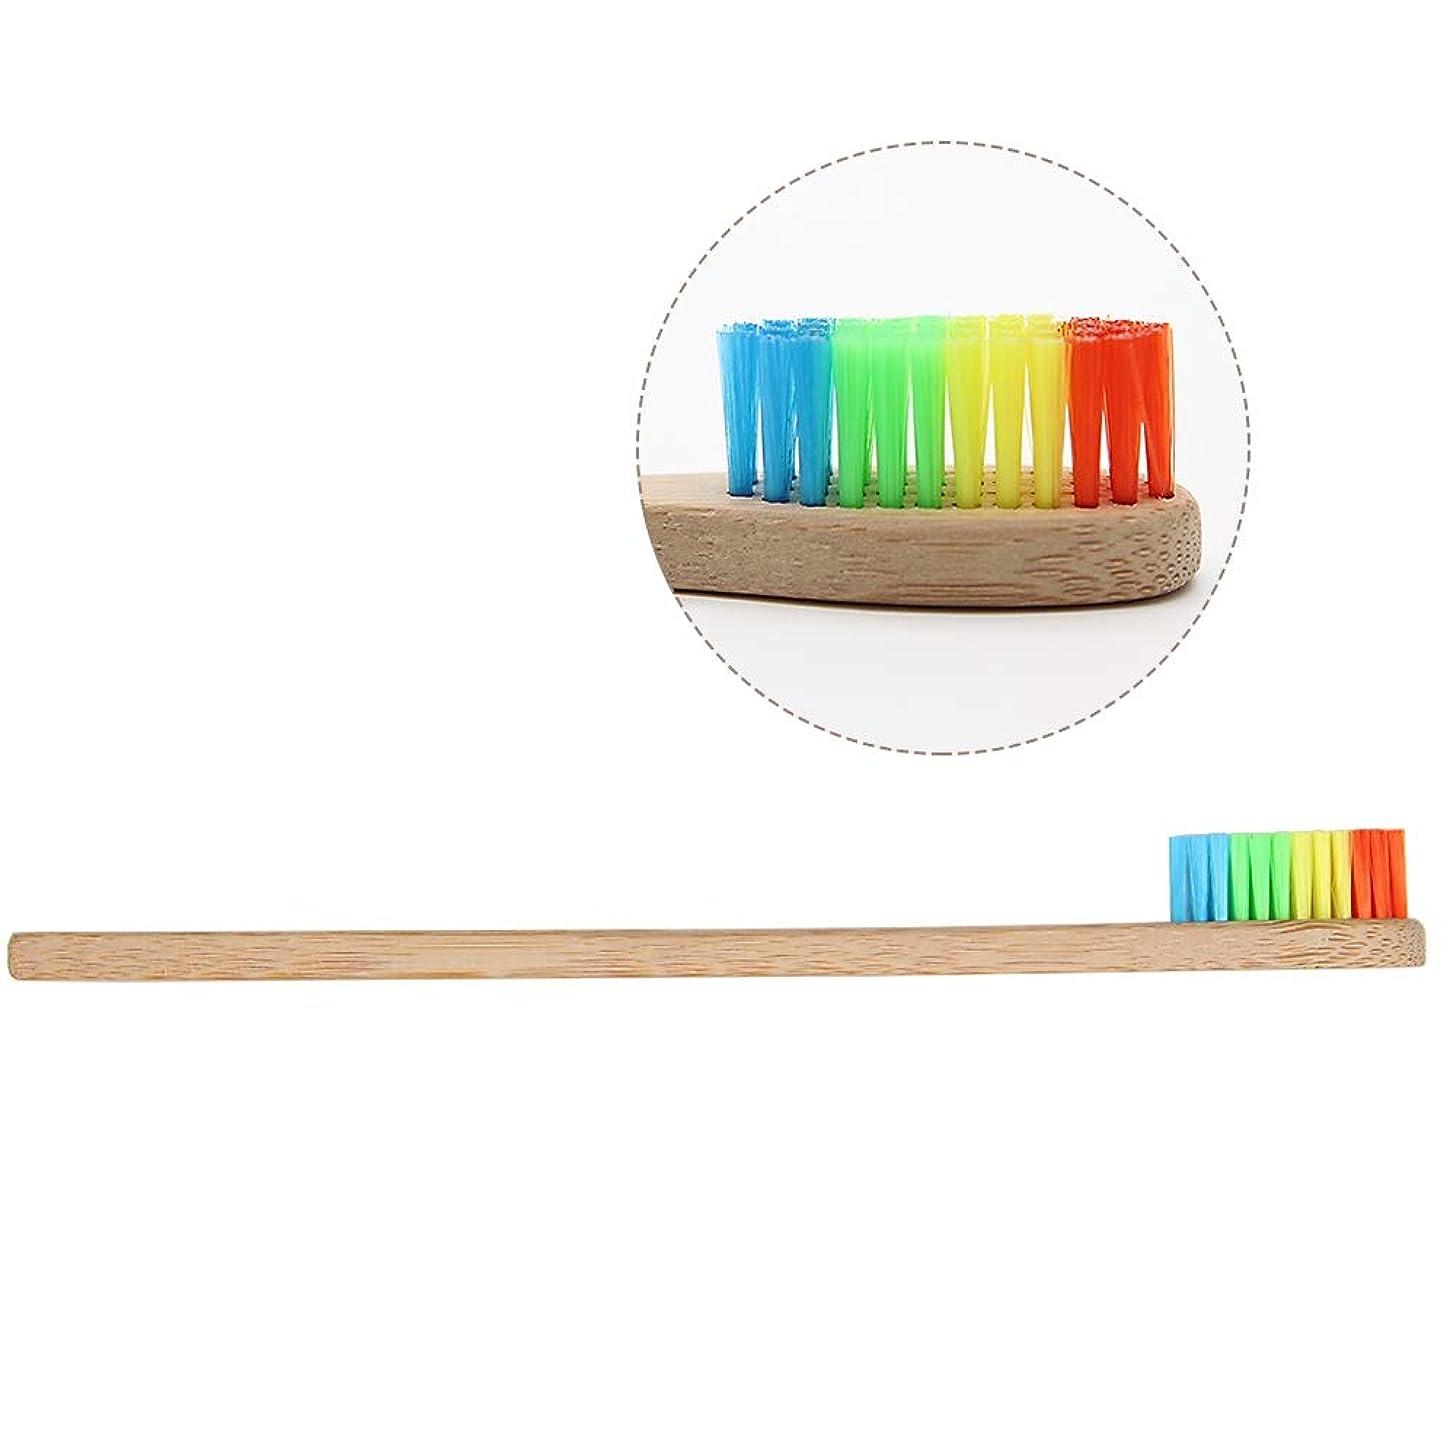 繁殖書く雰囲気Afang 高品質2 PCSオーラルケアソフト毛カラフルヘッドレインボー竹歯ブラシ